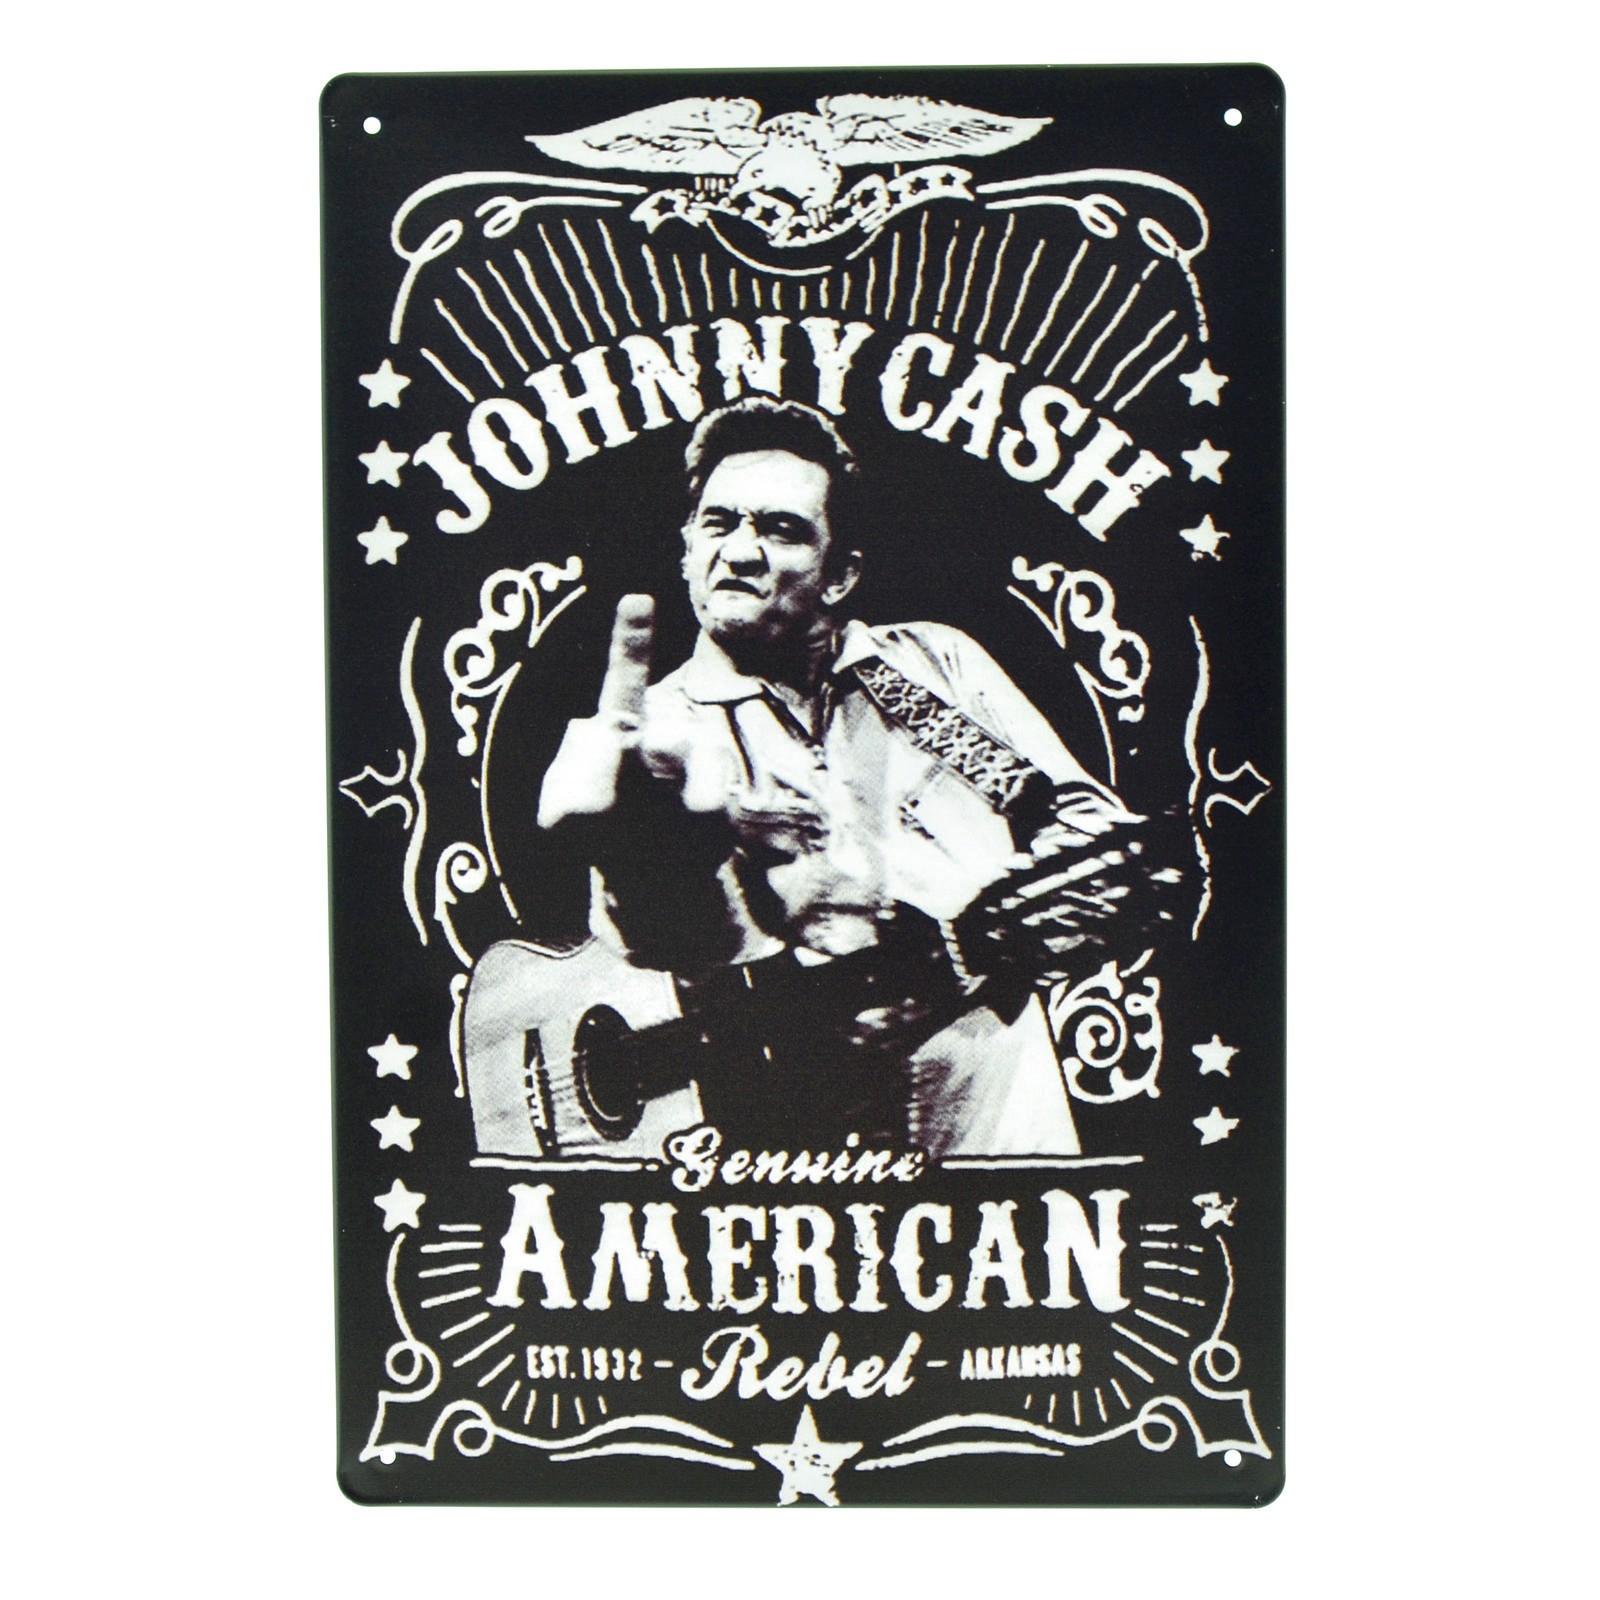 Cartel Metálico de Johnny Cash